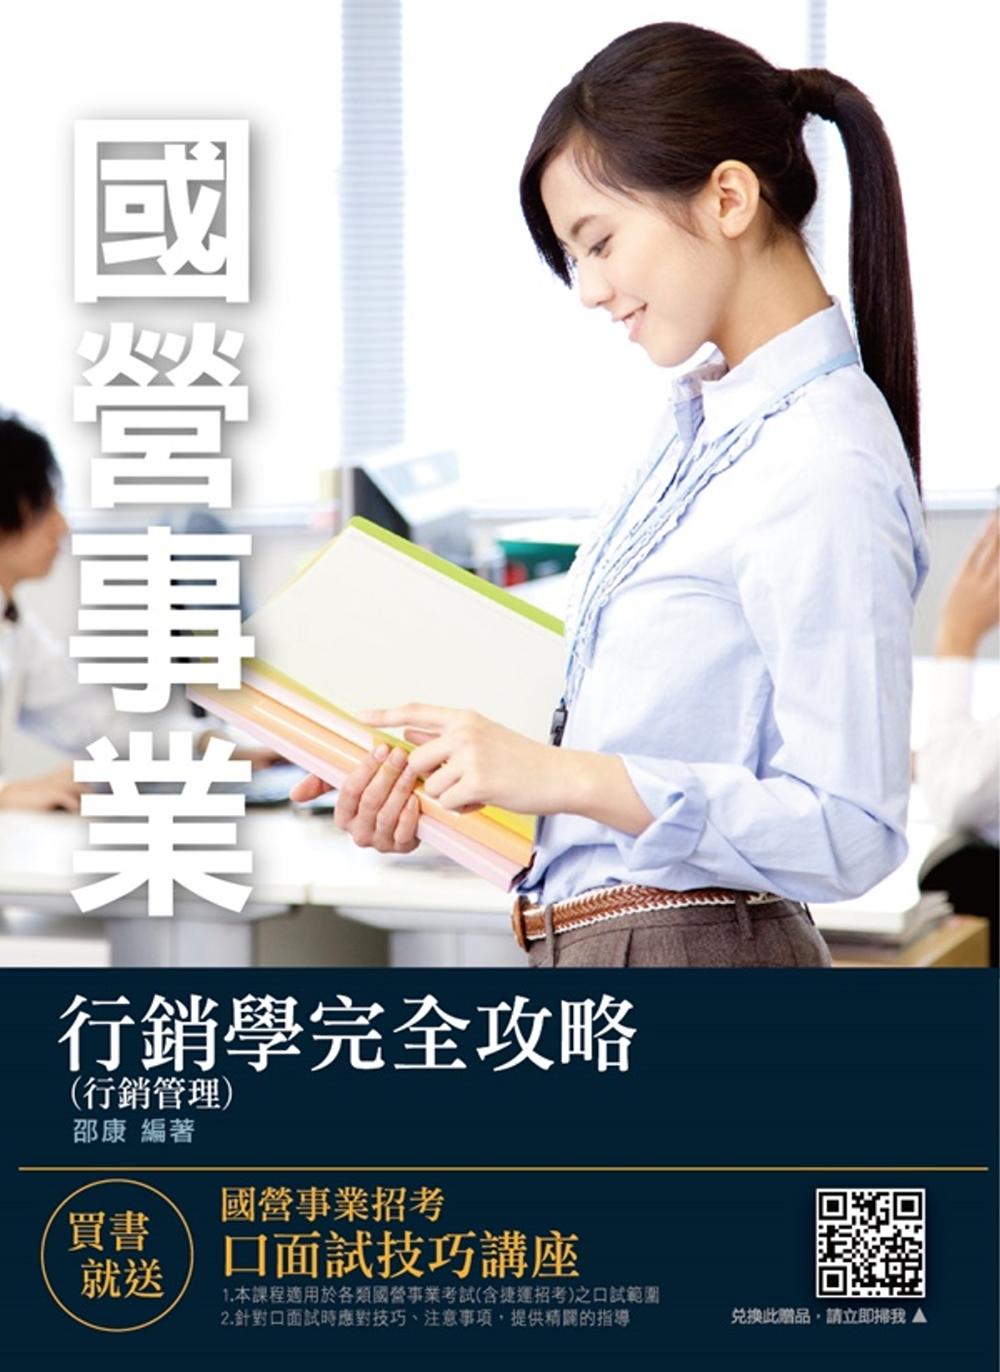 2019年行銷學(行銷管理)完全攻略(中華電信、台菸、台糖、捷運、考試適用)(贈口面試技巧雲端講座)(十版)